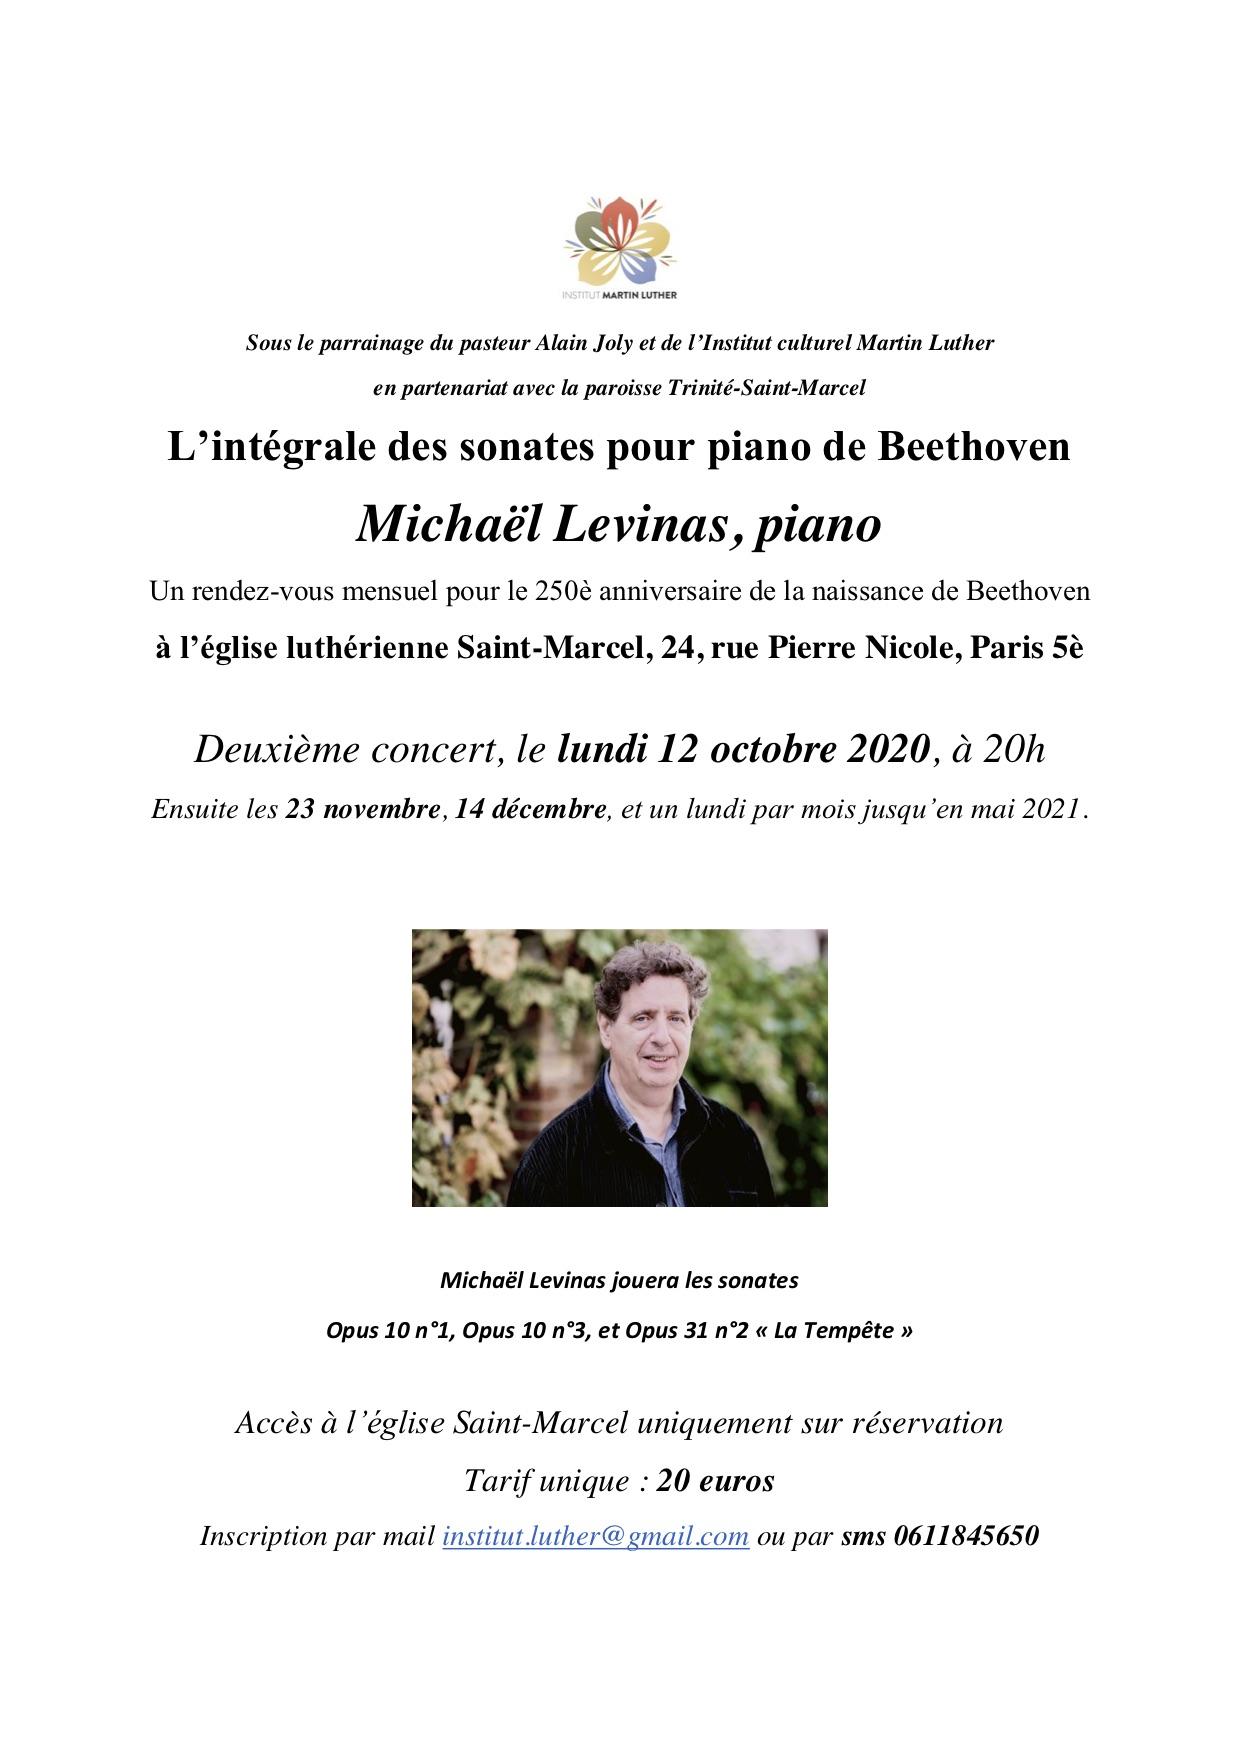 Beethoven Levinas 12 octobre 2020